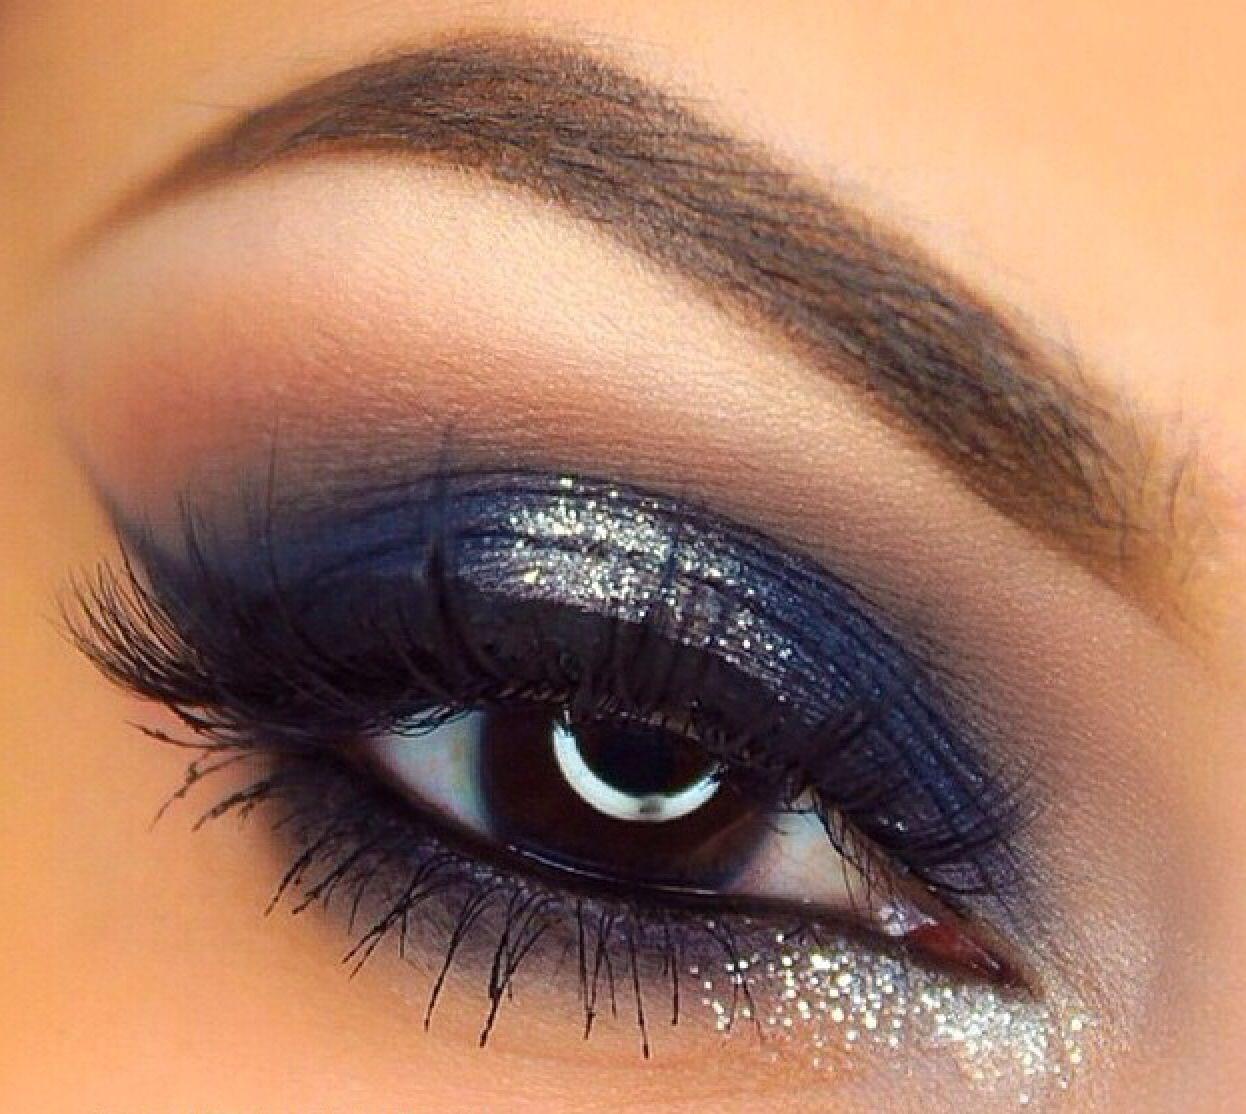 Pin by Elizabeth Obregon on ~MAKE ME UP~  Eye makeup blue dress